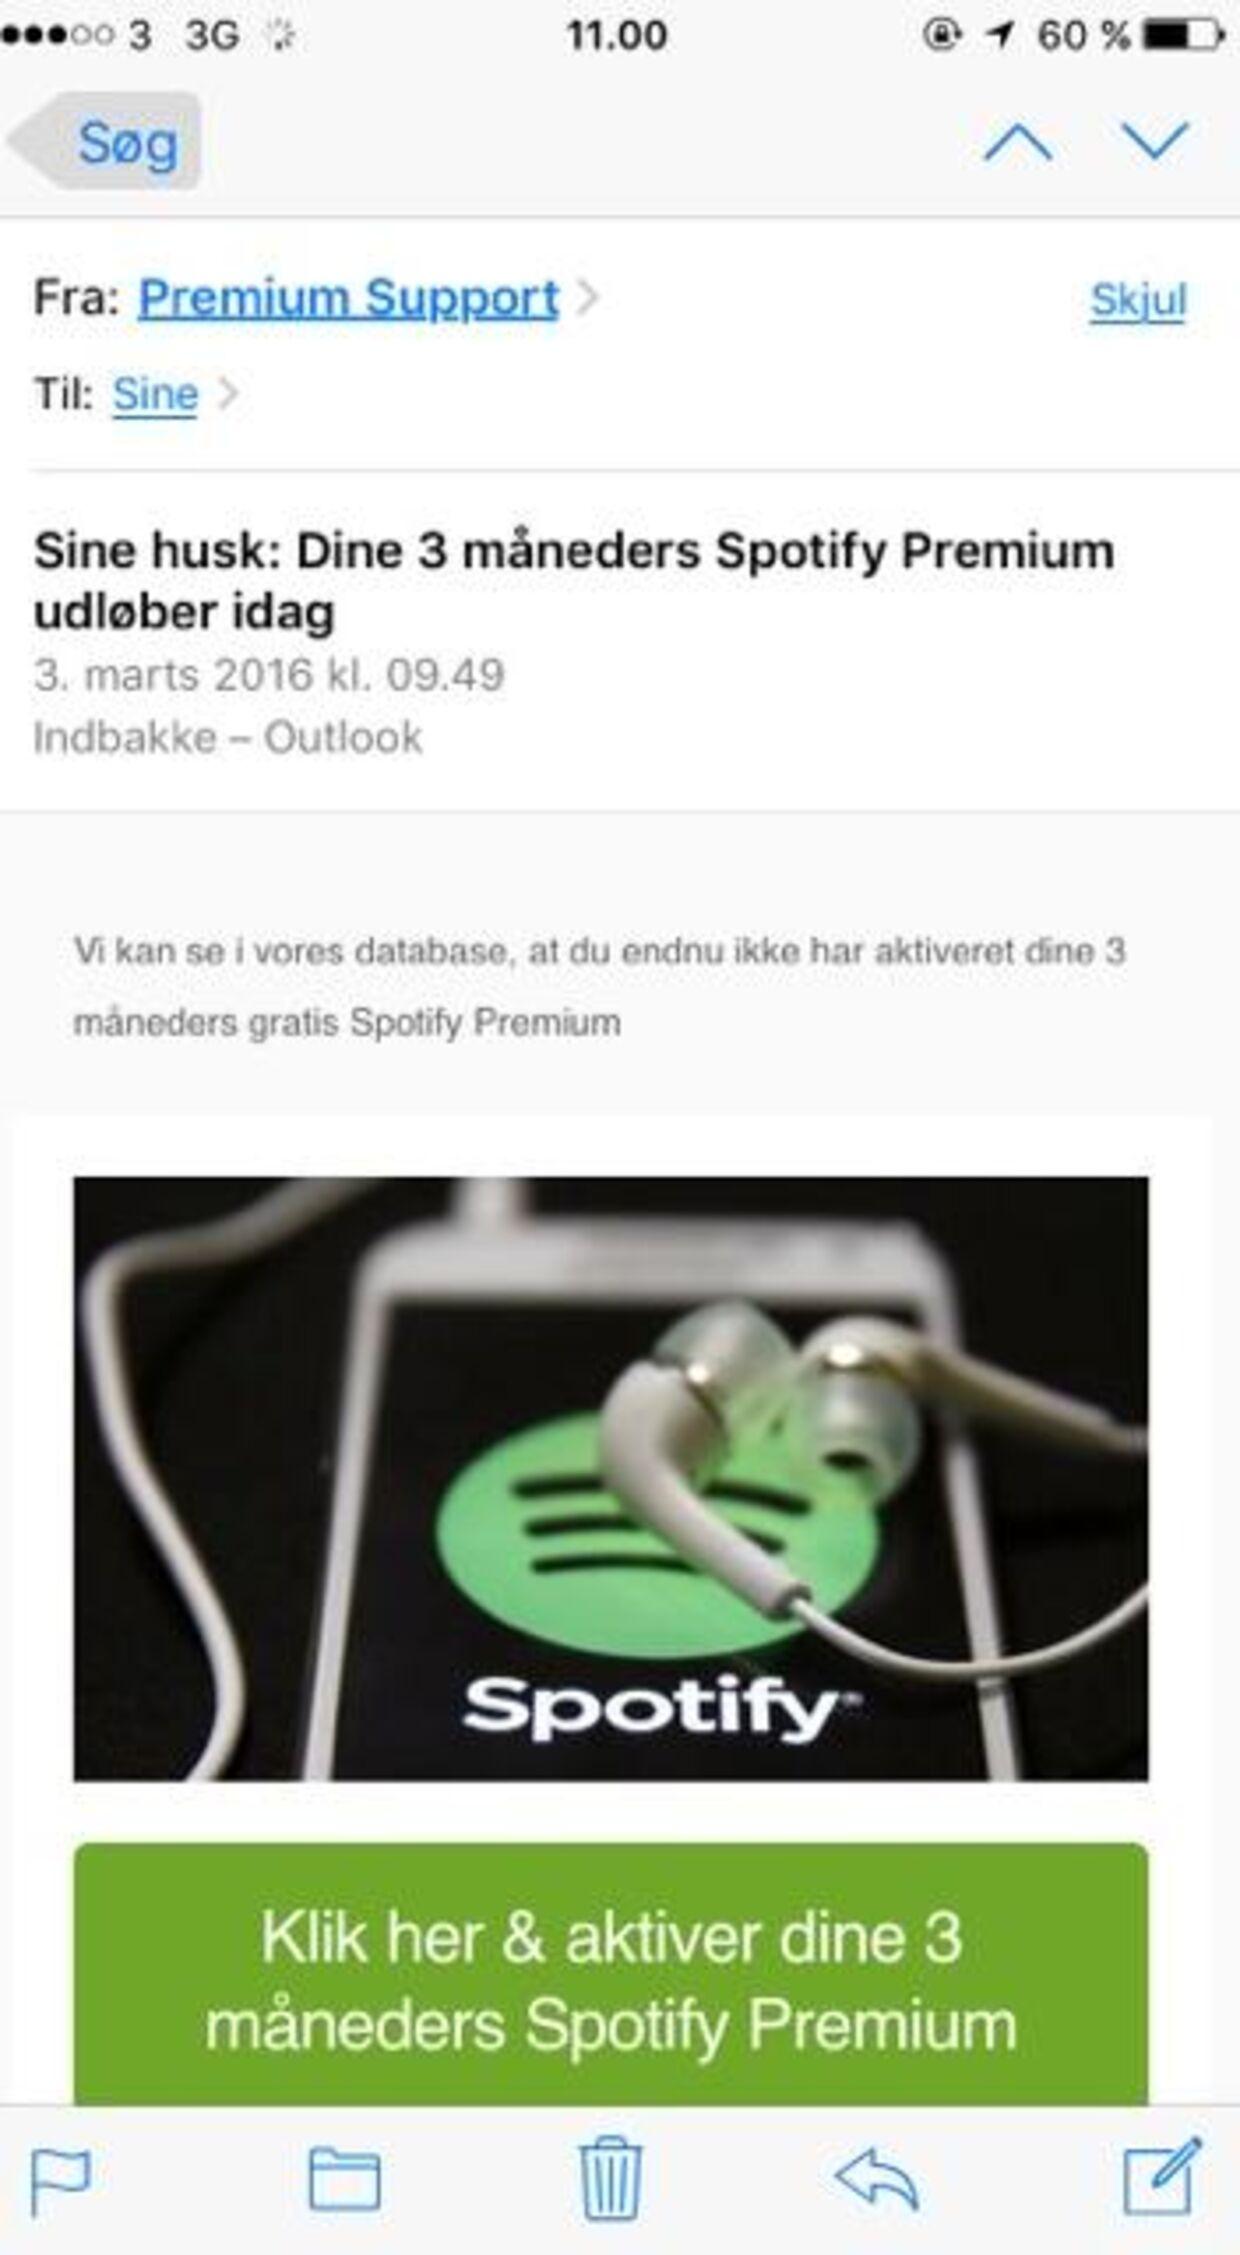 Det er mails som denne, der snyder flere danskere til at falde i abonnementsfælder.